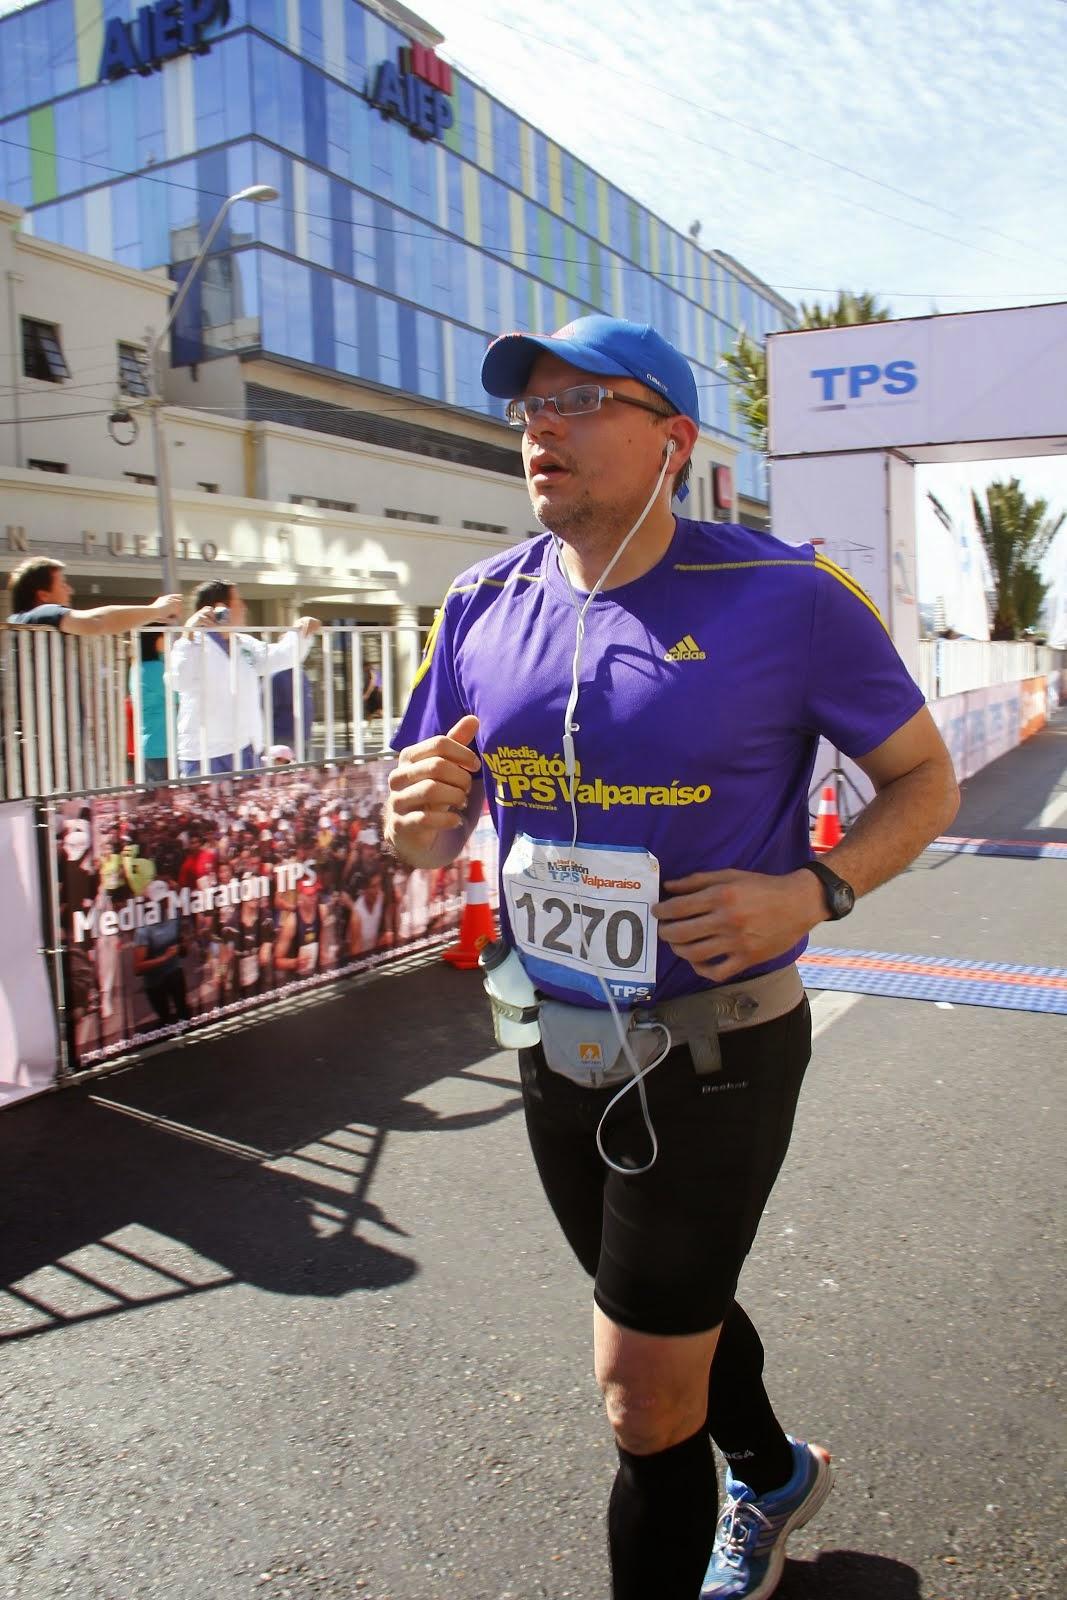 Medio Maratón del Puerto de Valparaíso 2013